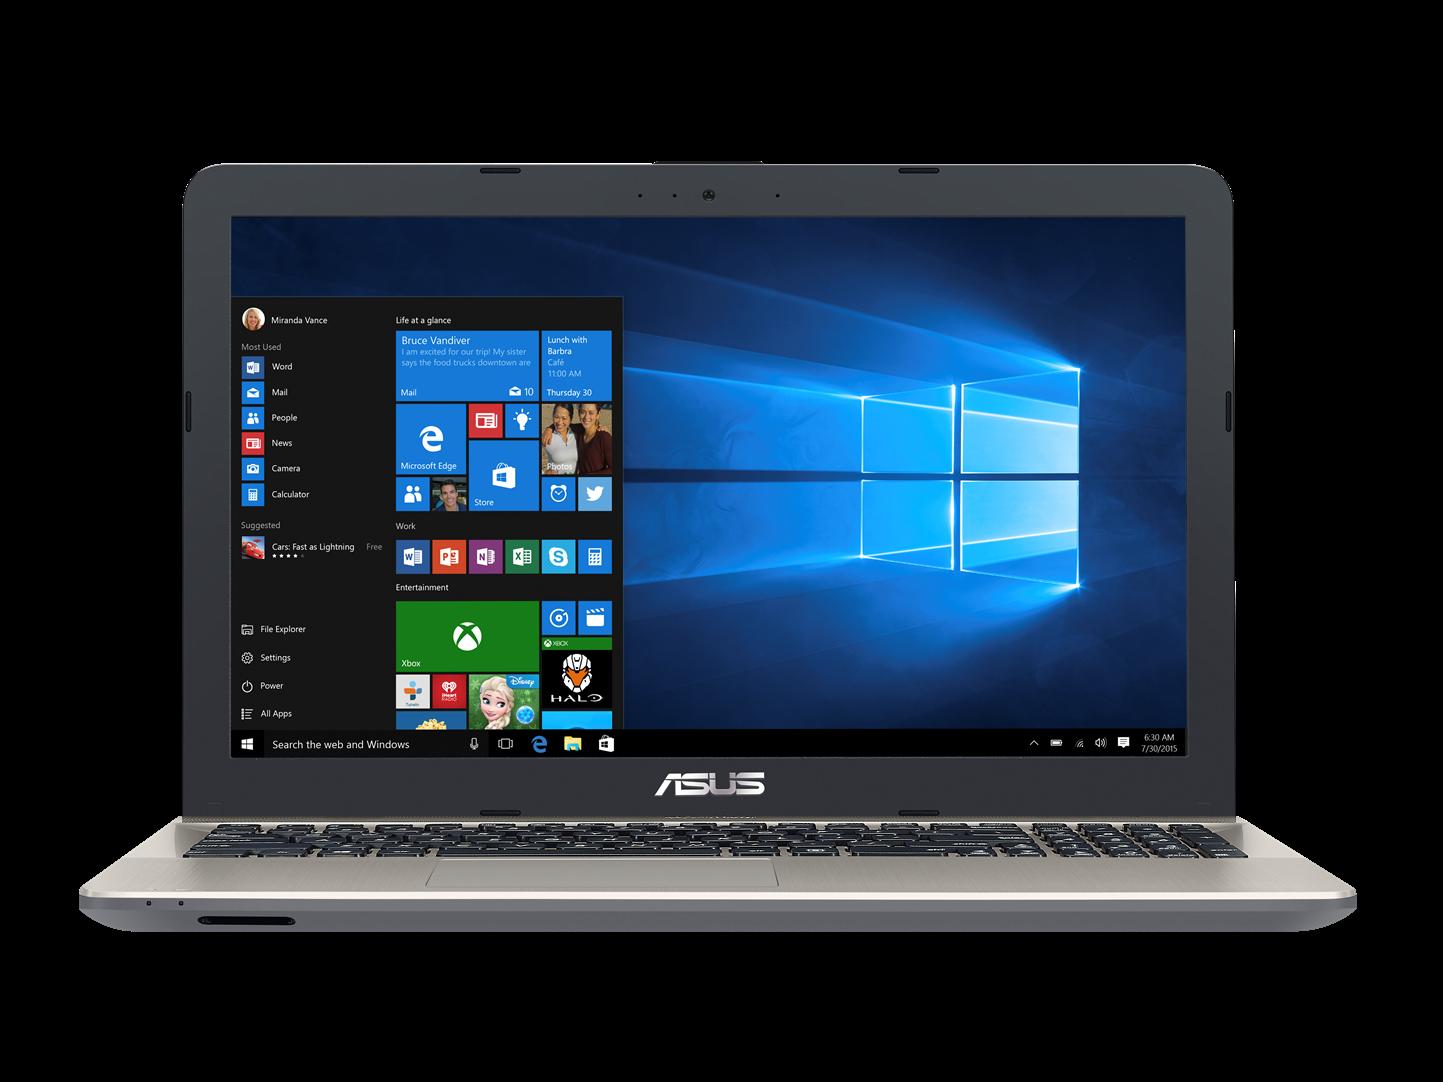 ASUS X541UA 15,6/i5-7200U/1TB/4G/DVD/W10 černý